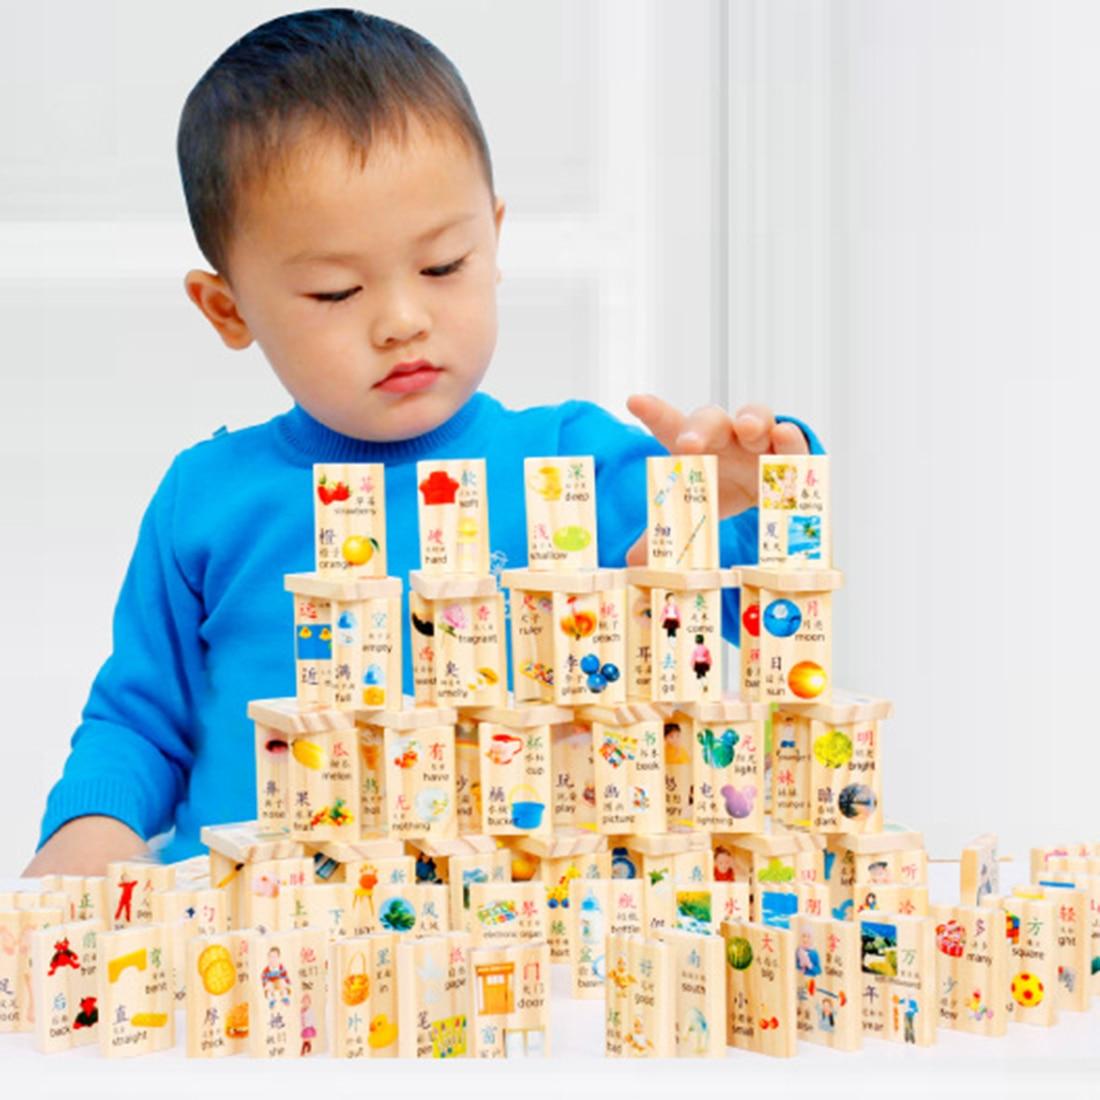 100 Pcs Kinder Früh Pädagogisches Spielzeug Holz Domino Blöcke Action Spiele Für Lernen Pädagogisches Spielzeug Für Kinder Exzellente QualitäT